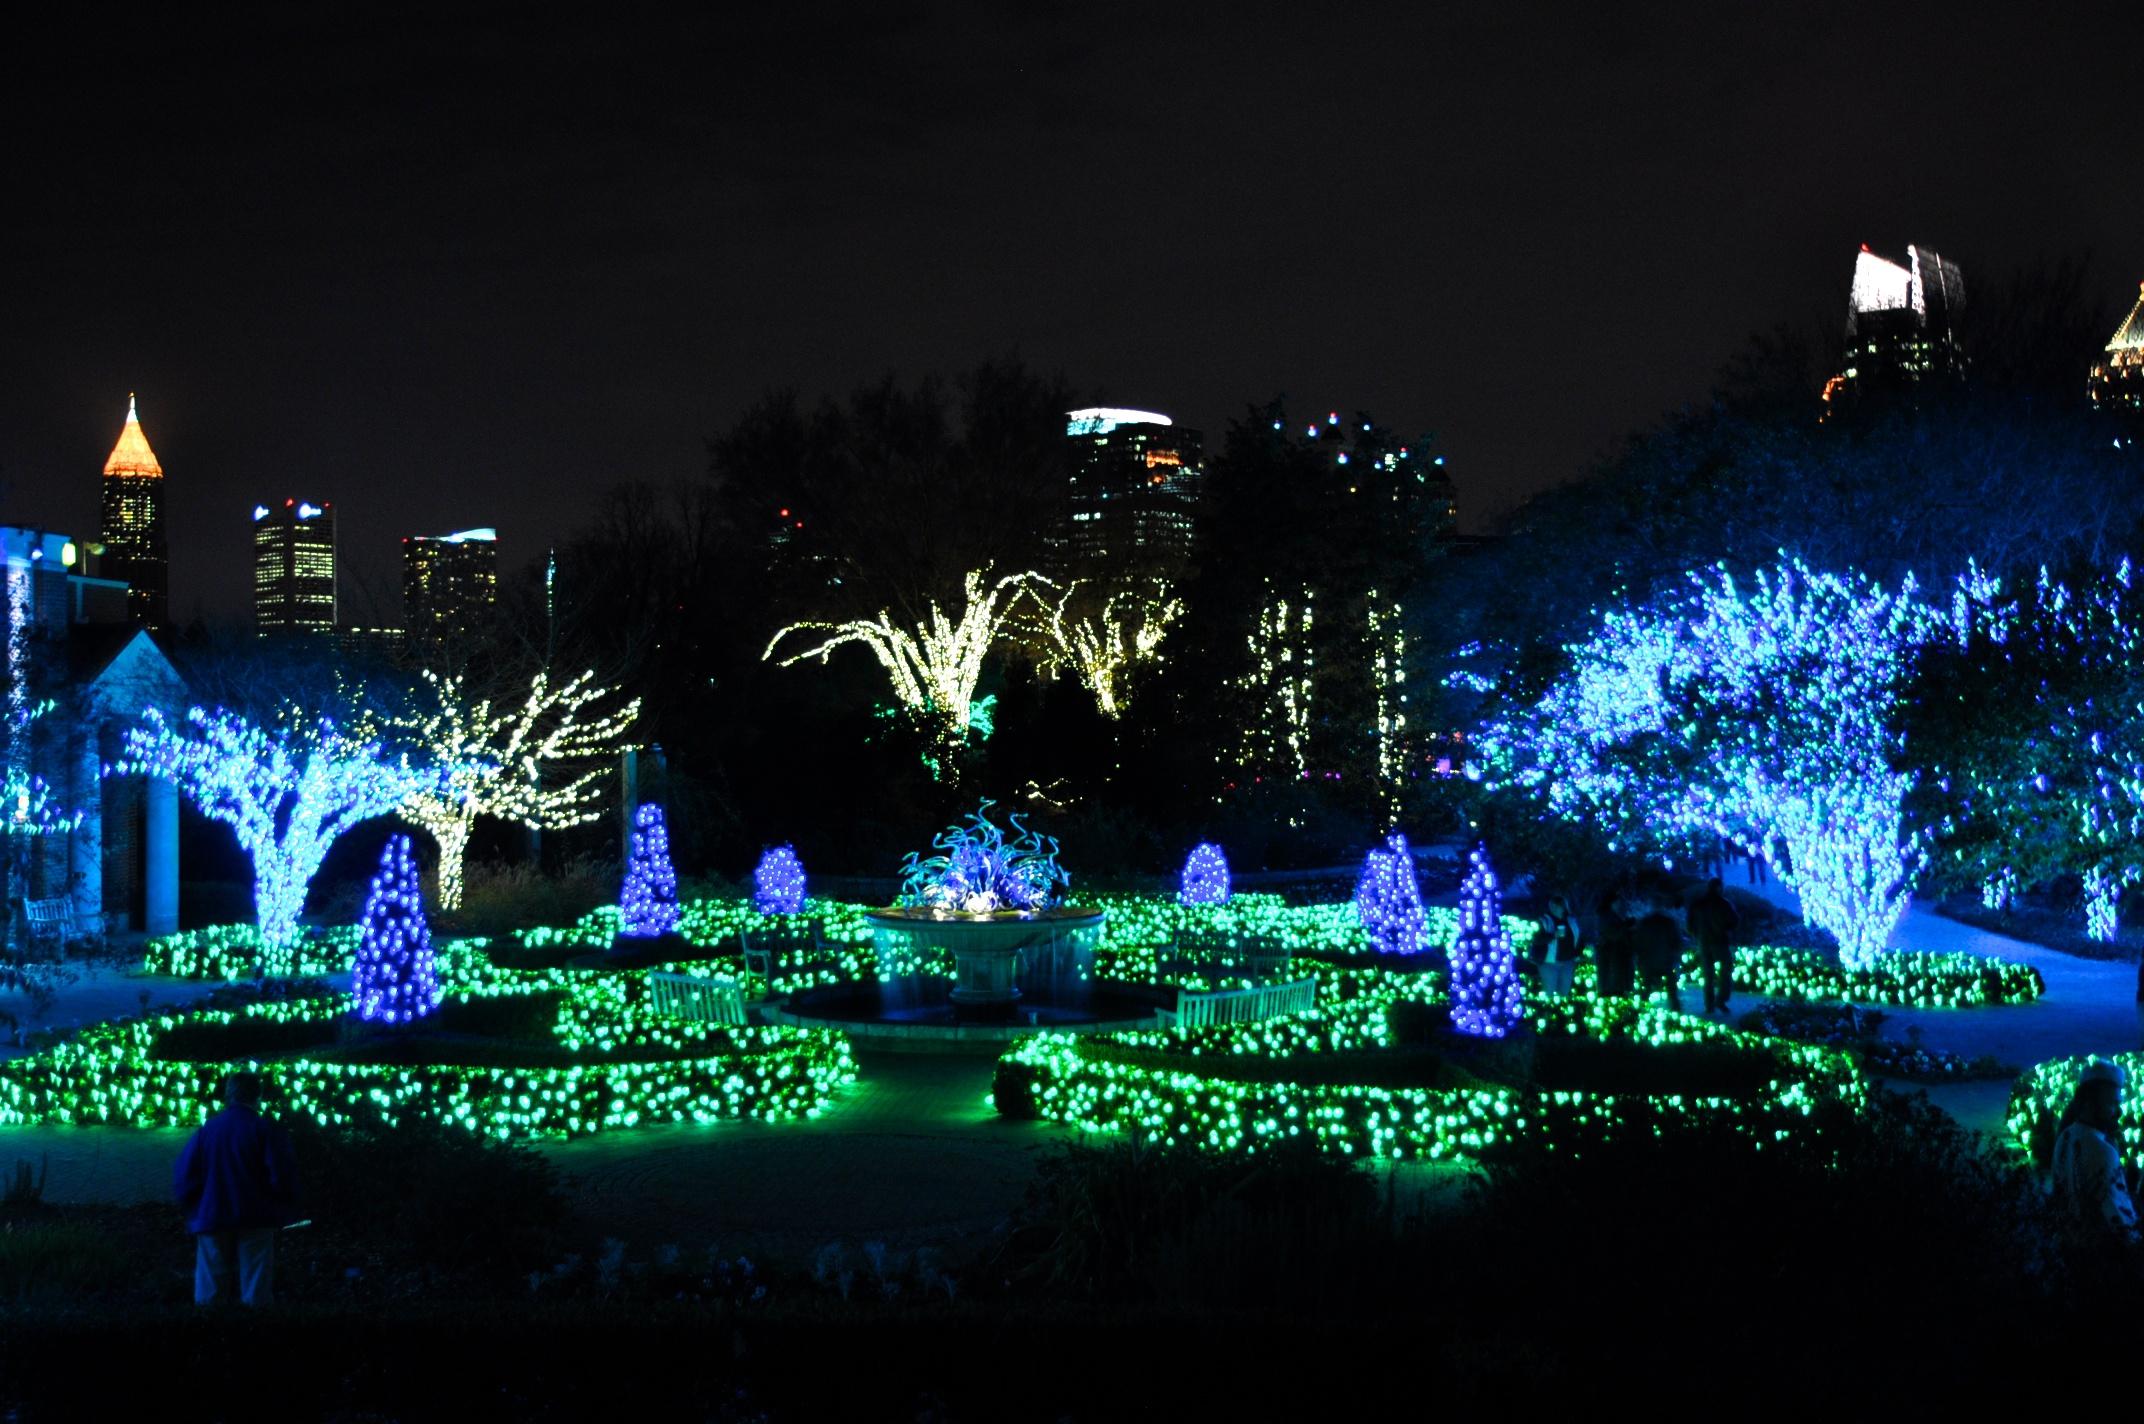 Botanical garden garden lights holiday night atlanta ga the memory for A night at the garden